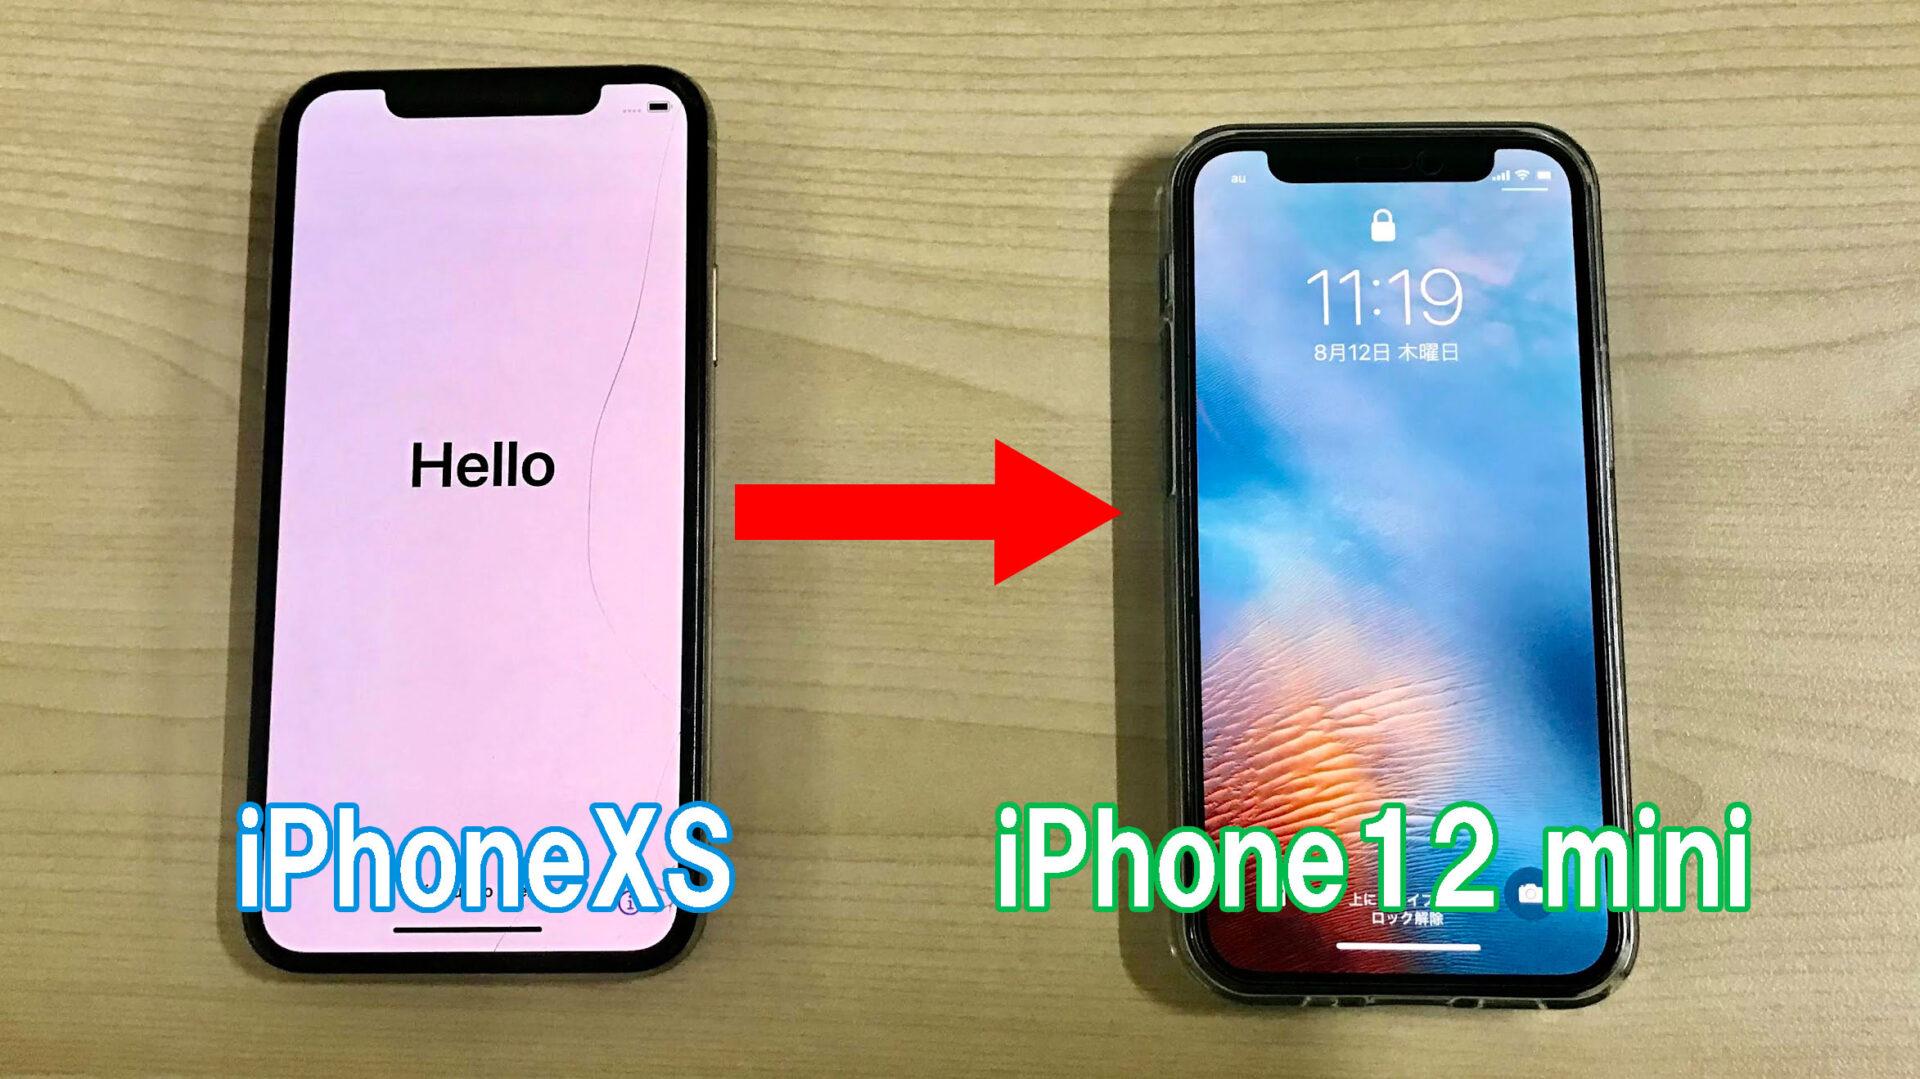 iPhone12miniに機種変更しスマホ持ちランがかなり快適に!